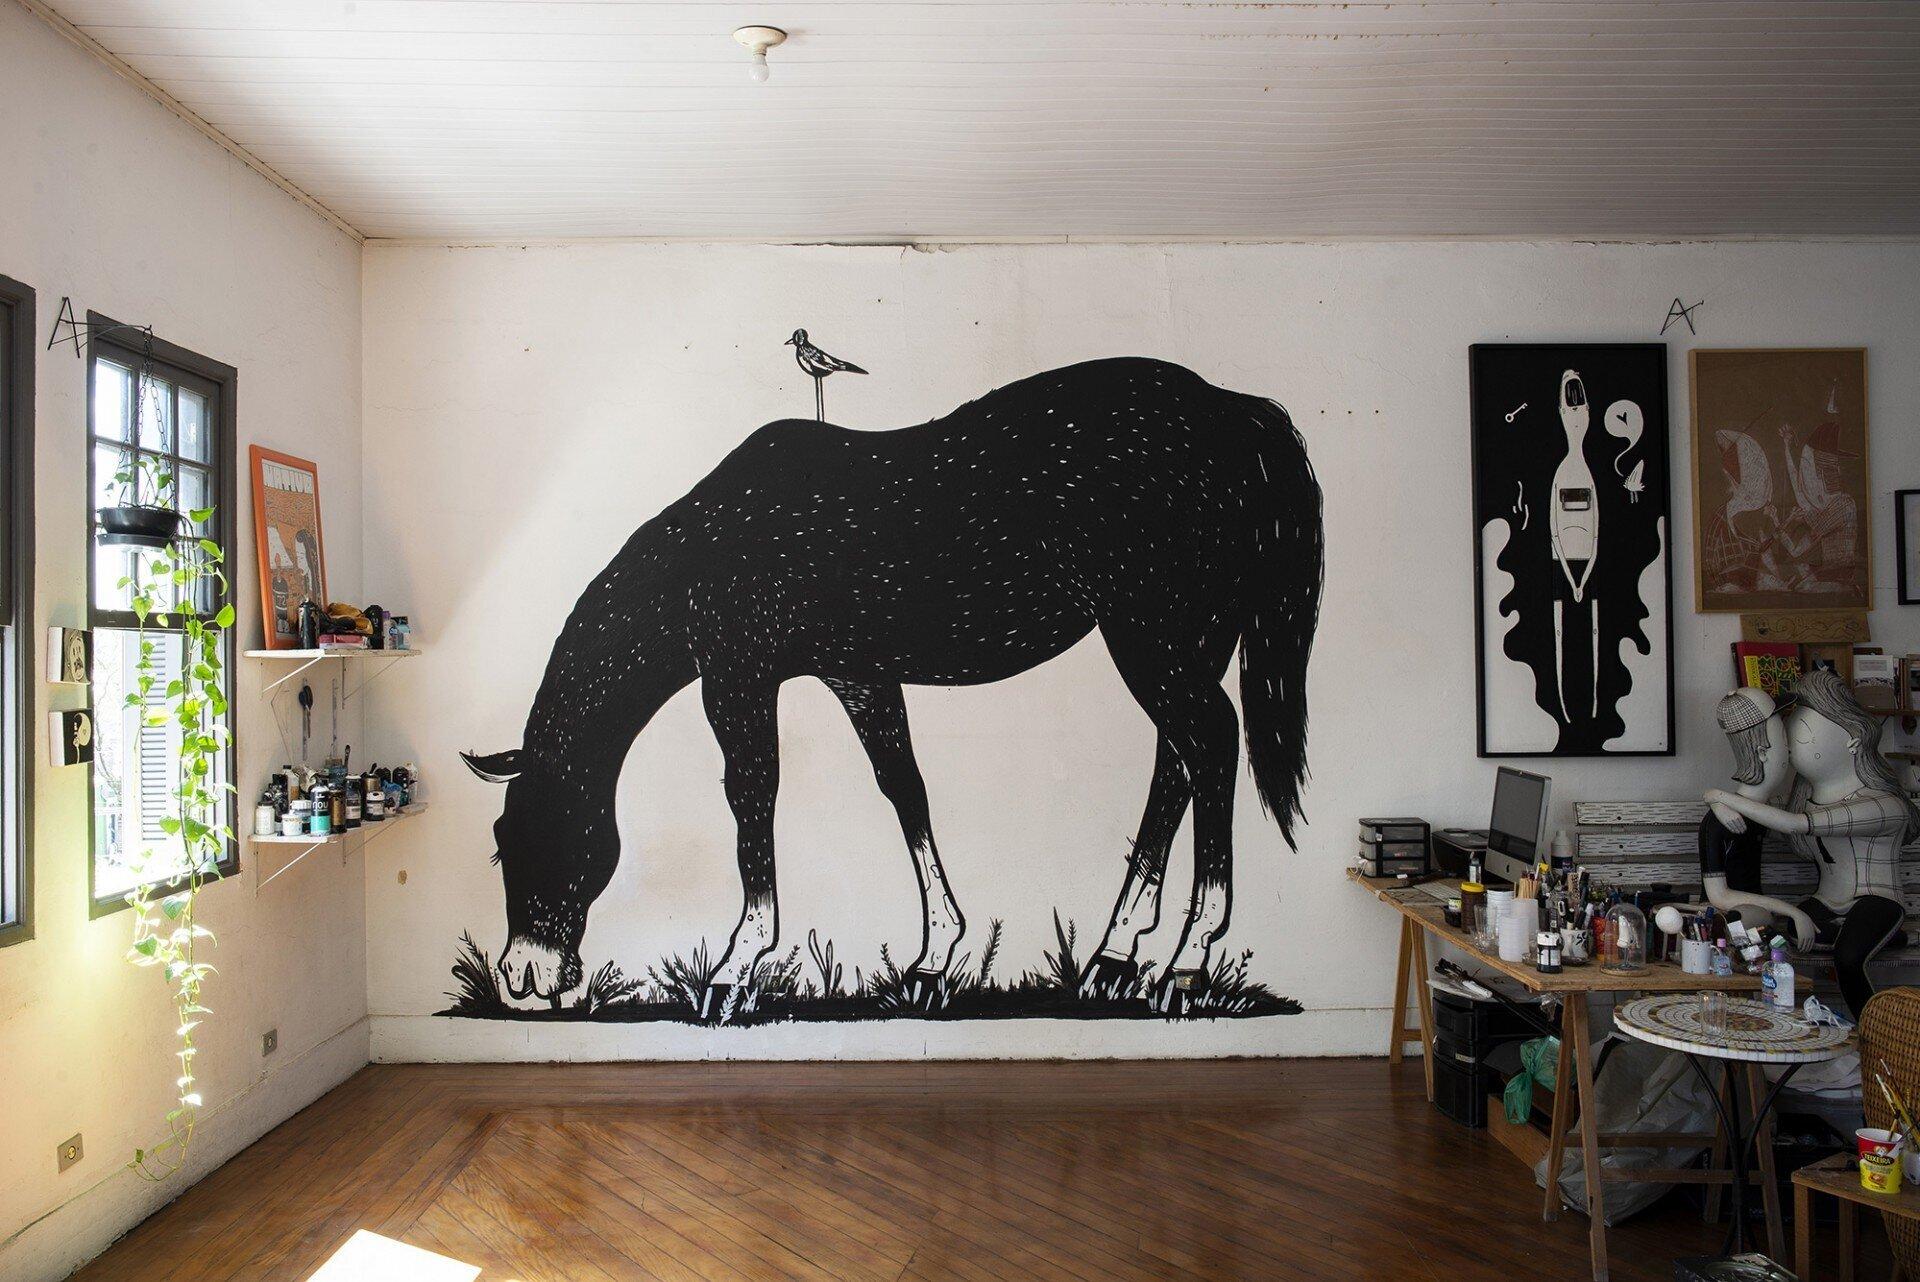 Домашний стрит-арт: художники по всему миру рисуют на стенах своих квартир и домов (25фото)